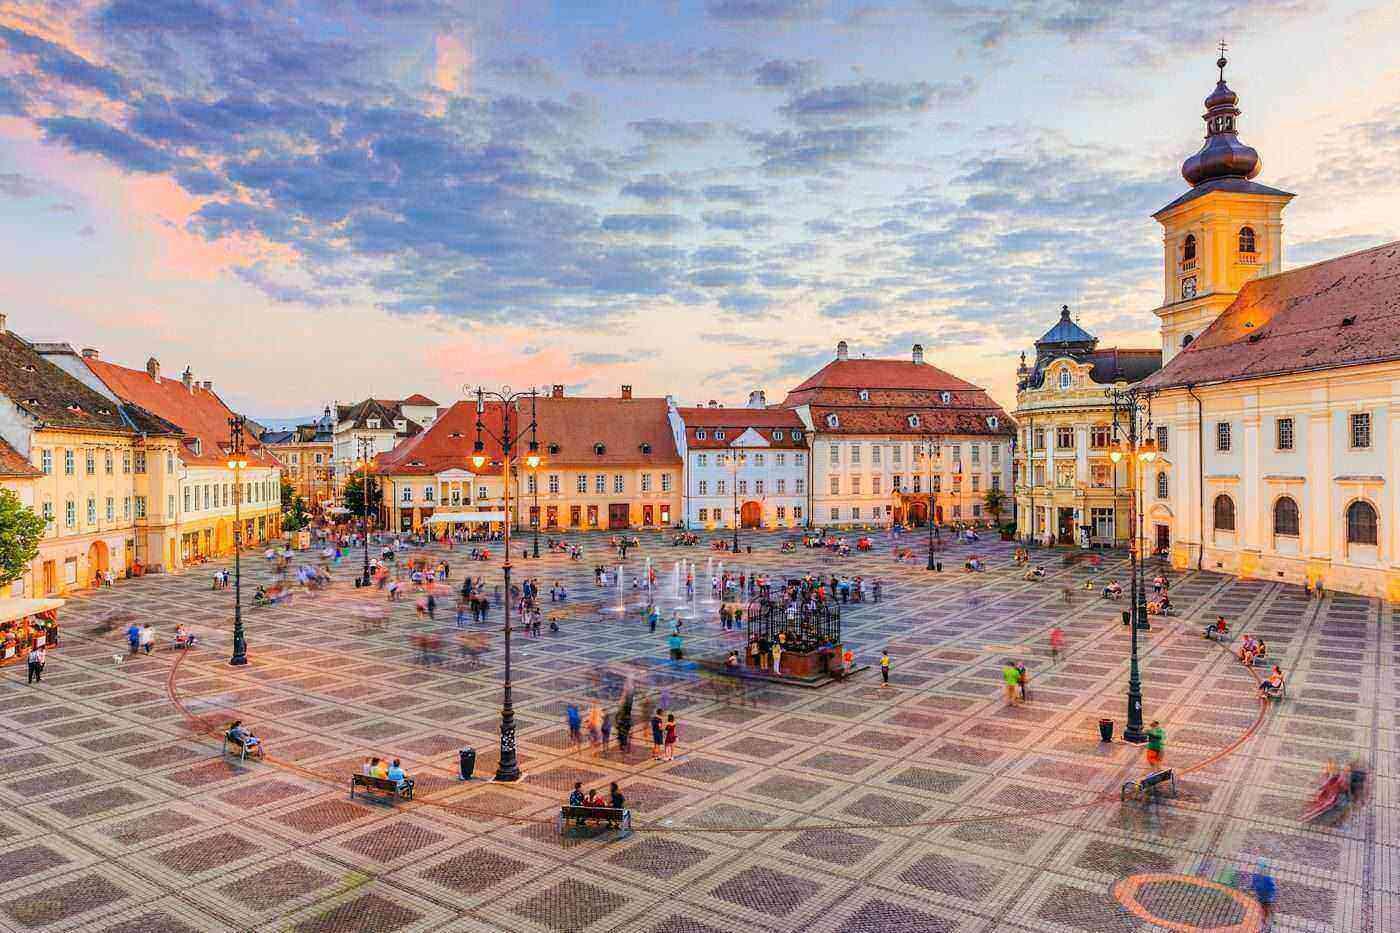 Sibiu, a Medieval Citadel